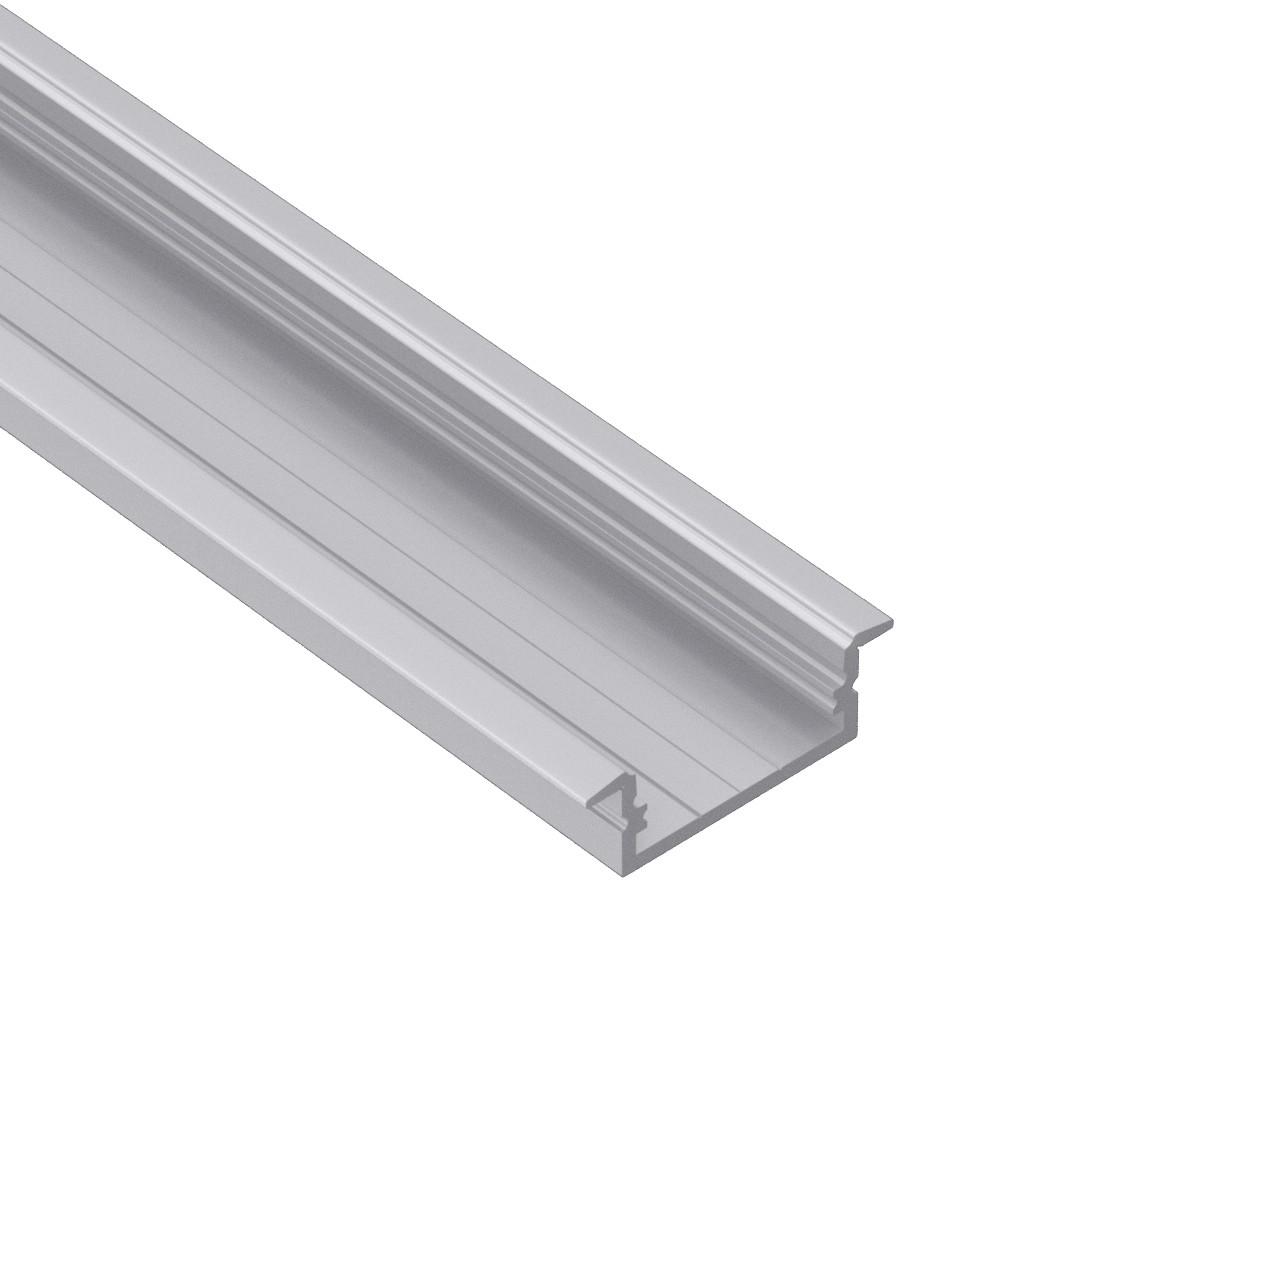 AR3 rabat aluminiumsprofil og diffusor med